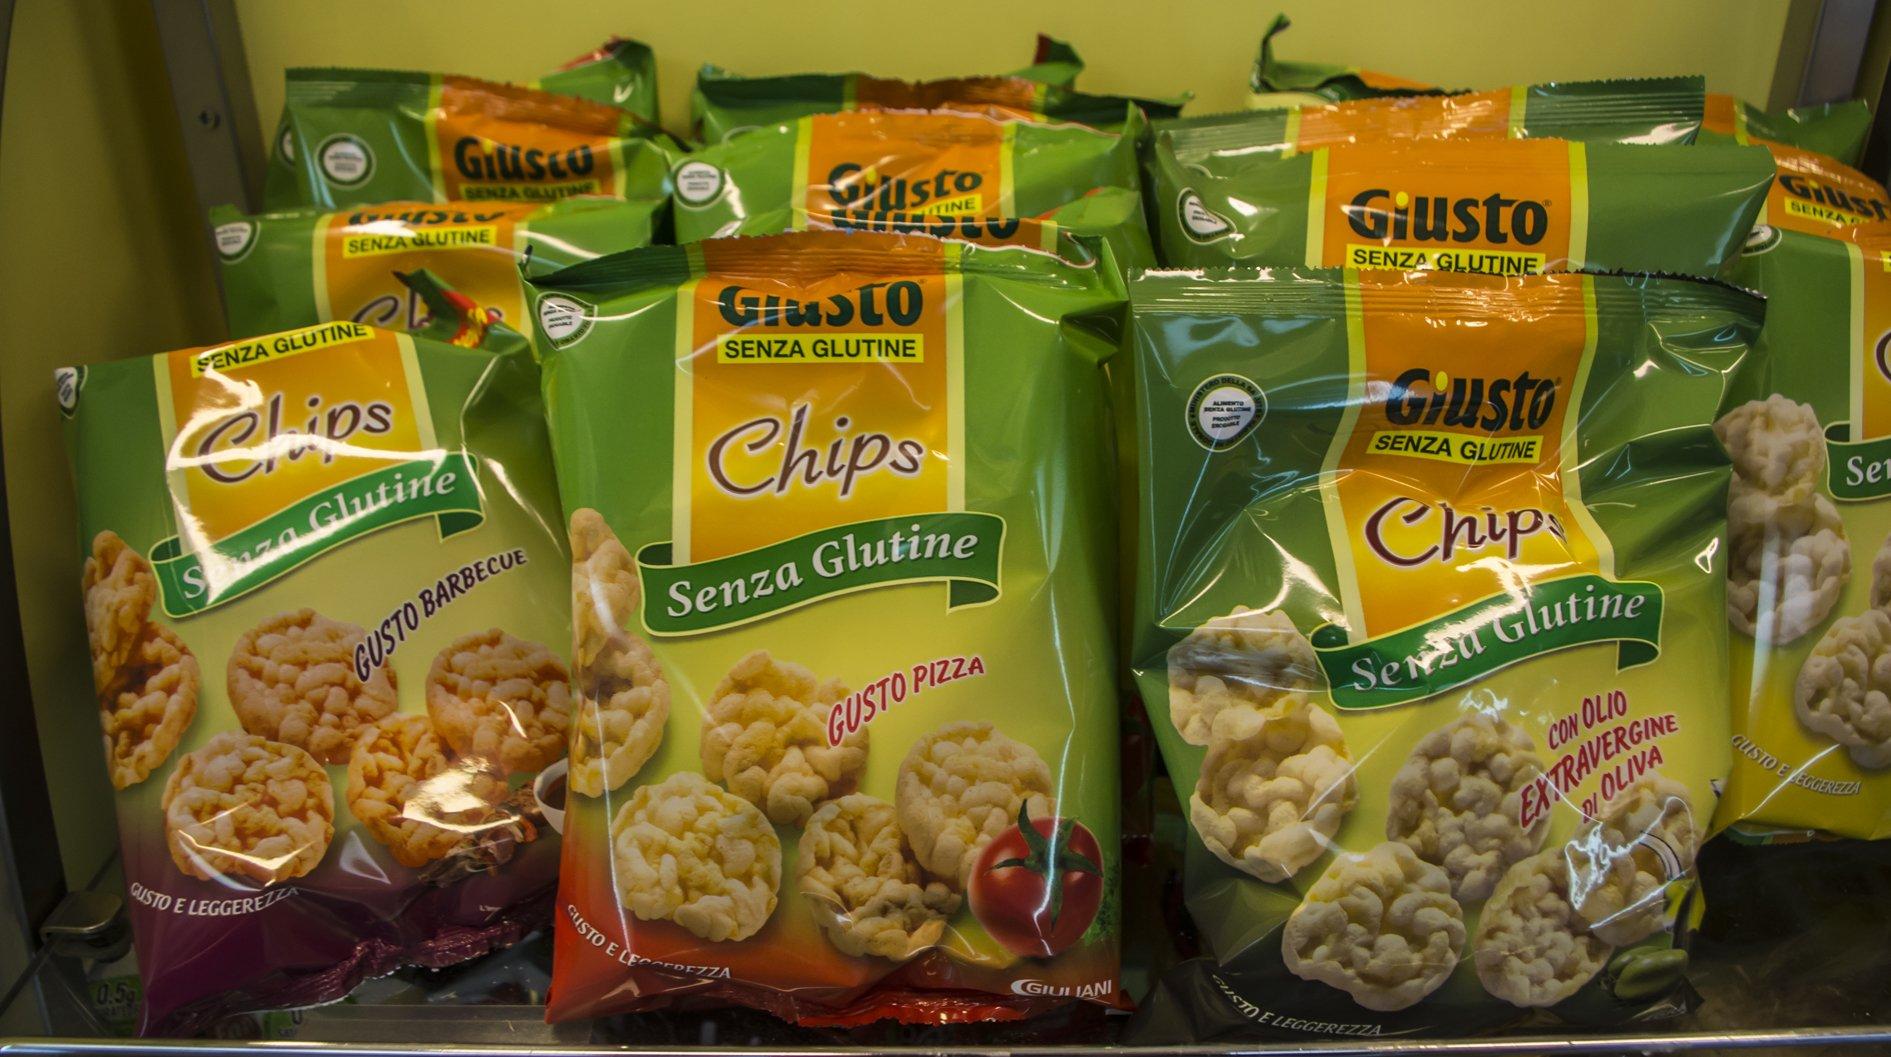 degli snack senza glutine in vari gusti